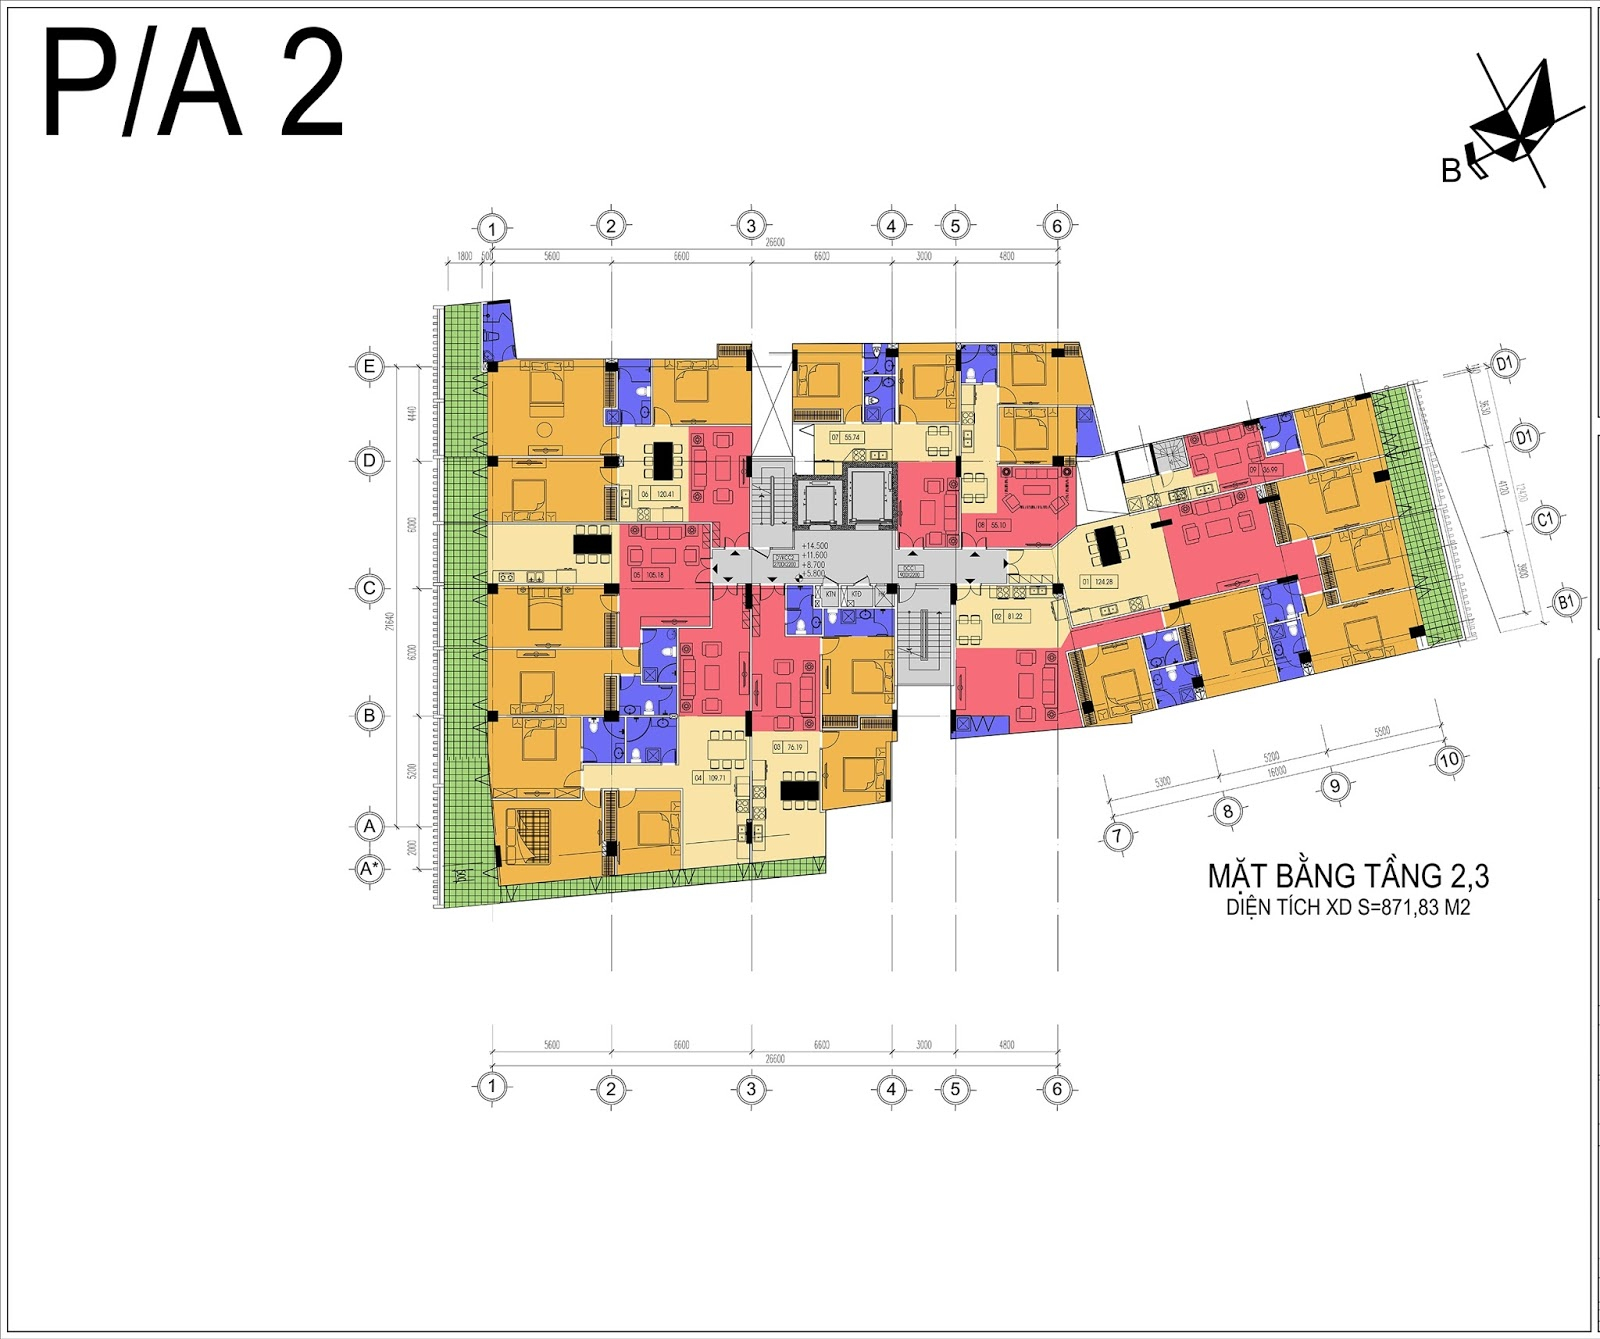 Mặt bằng điển hình tầng 2,3 Núi Trúc Square